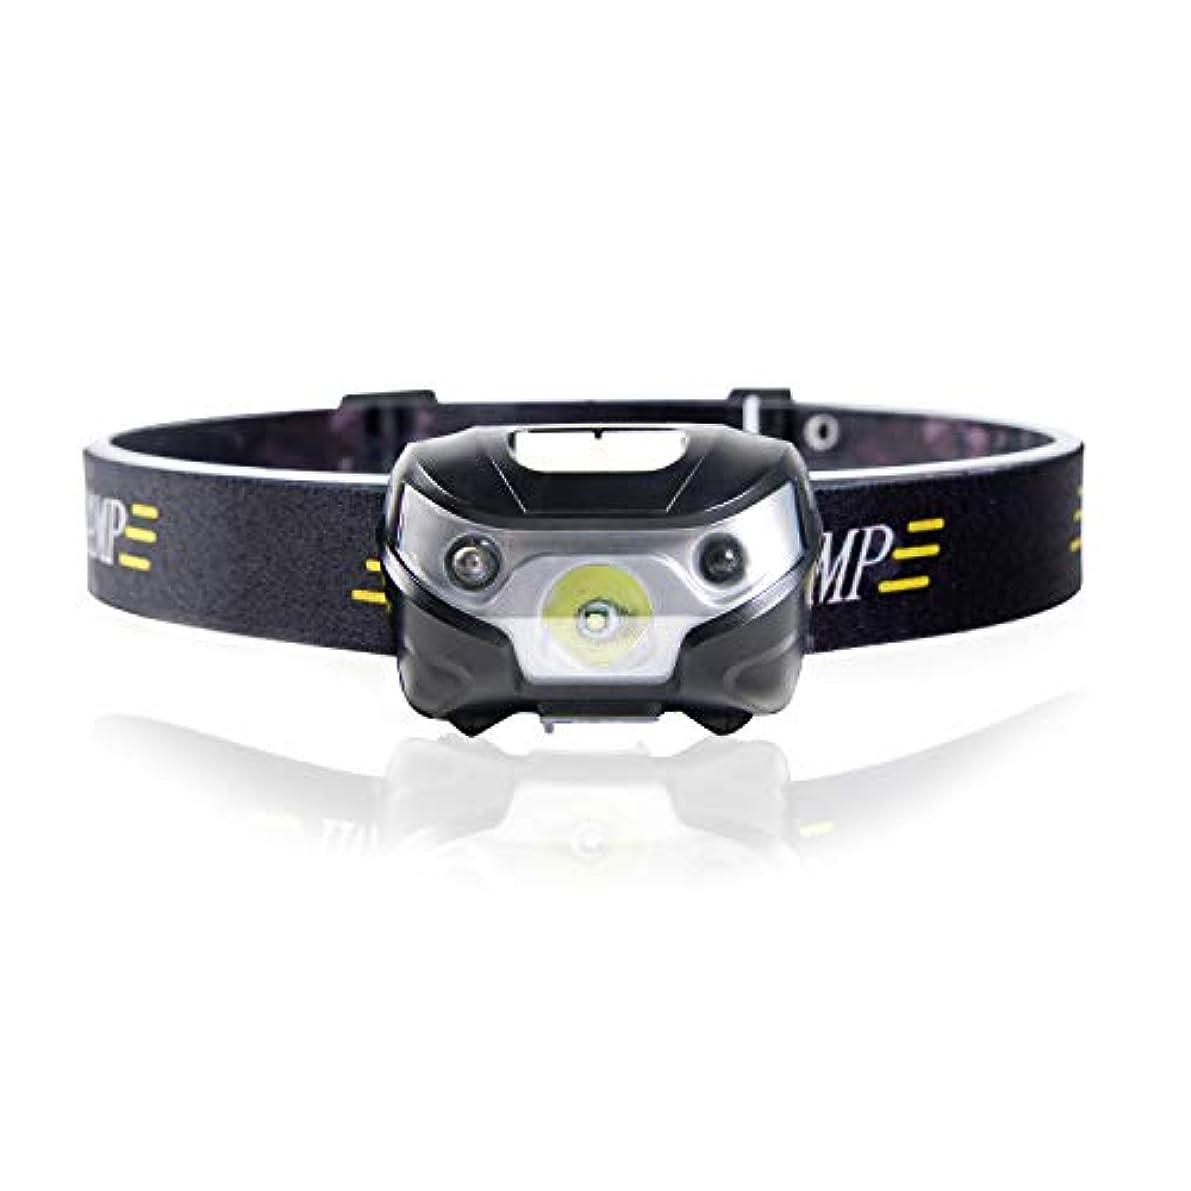 グリーンランド診療所トラブルChamsaler ヘッドライト USB充電式 LED センサー感応機能 コンパクト 自由に角度を調整 ヘッドランプ 最高照度 防水 アウトドアライト 小型軽量 夜釣り ハイキング キャンプ サイクリング 登山 防災 非常時用